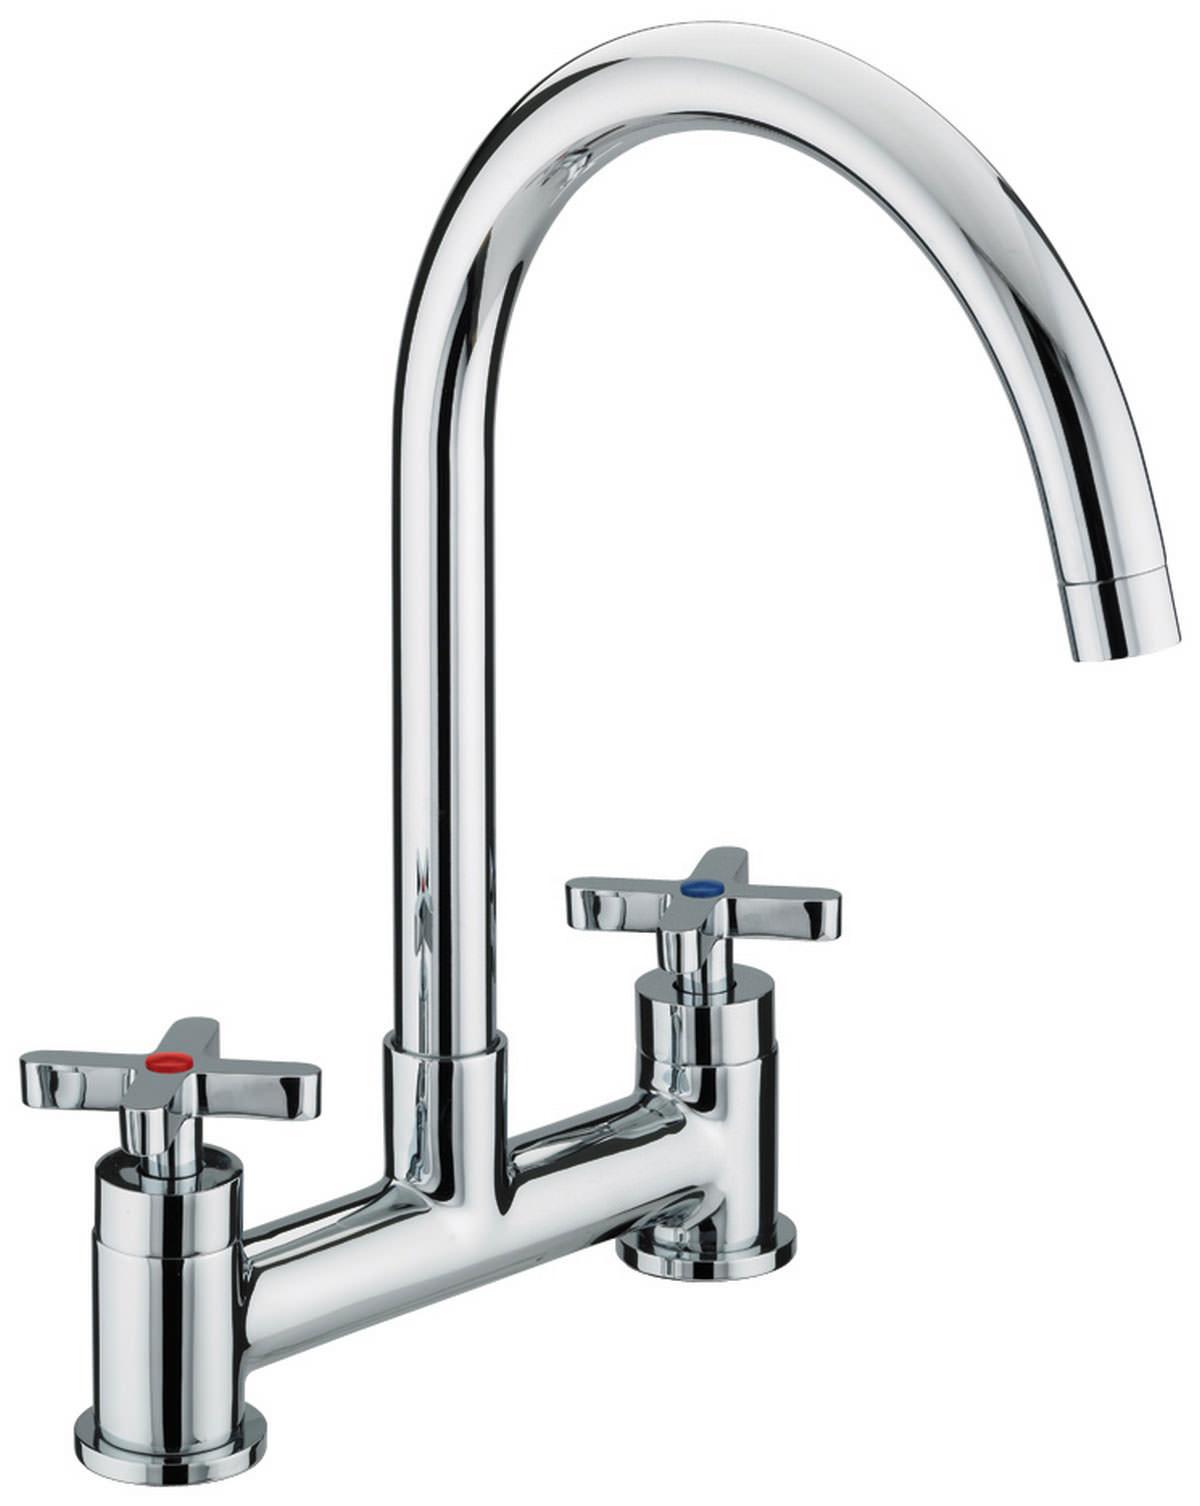 Bristan Design Utility X Head Deck Mounted Kitchen Sink